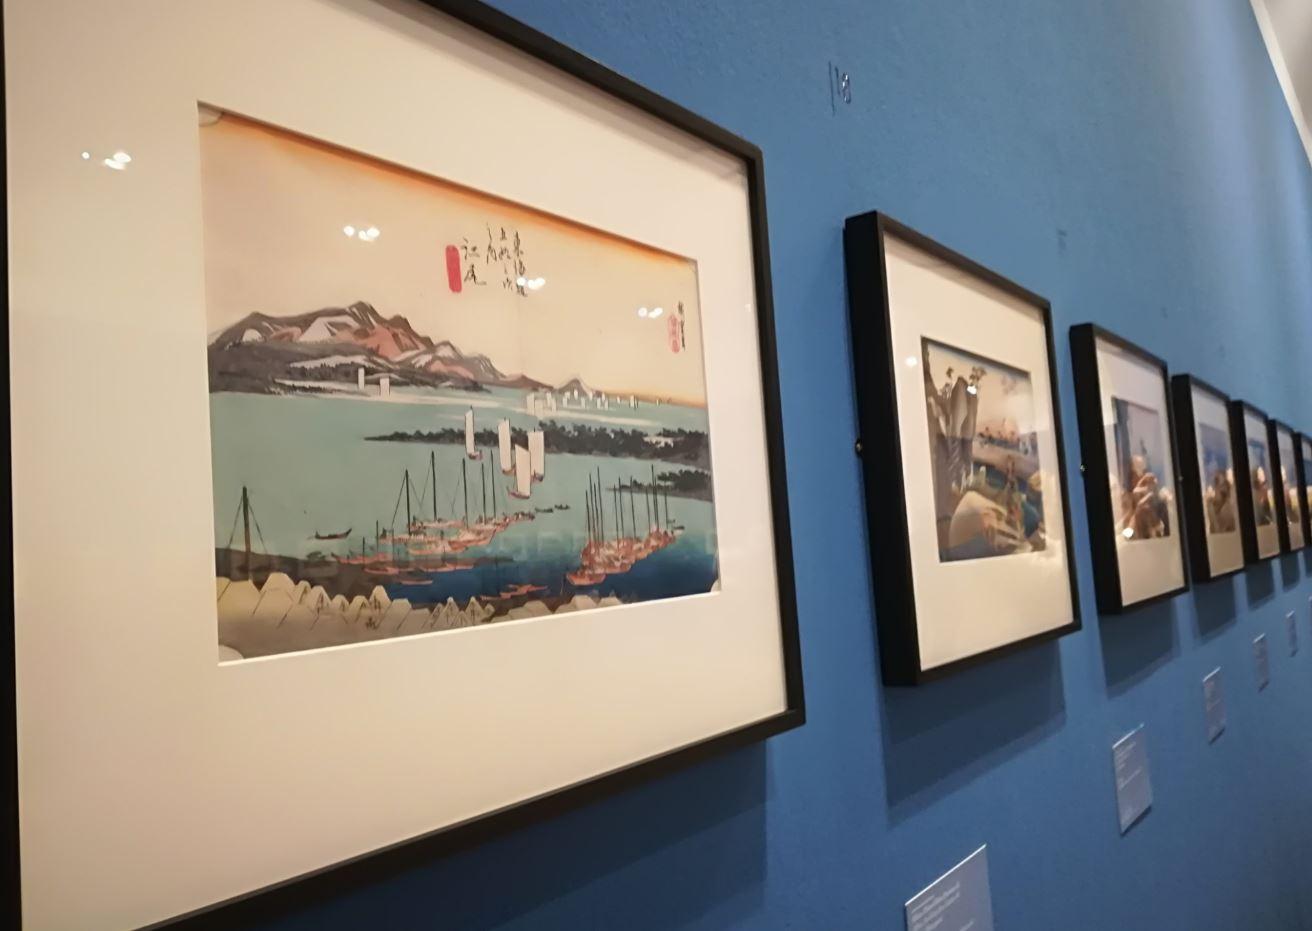 Stazioni di posta del Tokaido fotografate in mostra da Camilla Di Biagio per The Way Magazine.